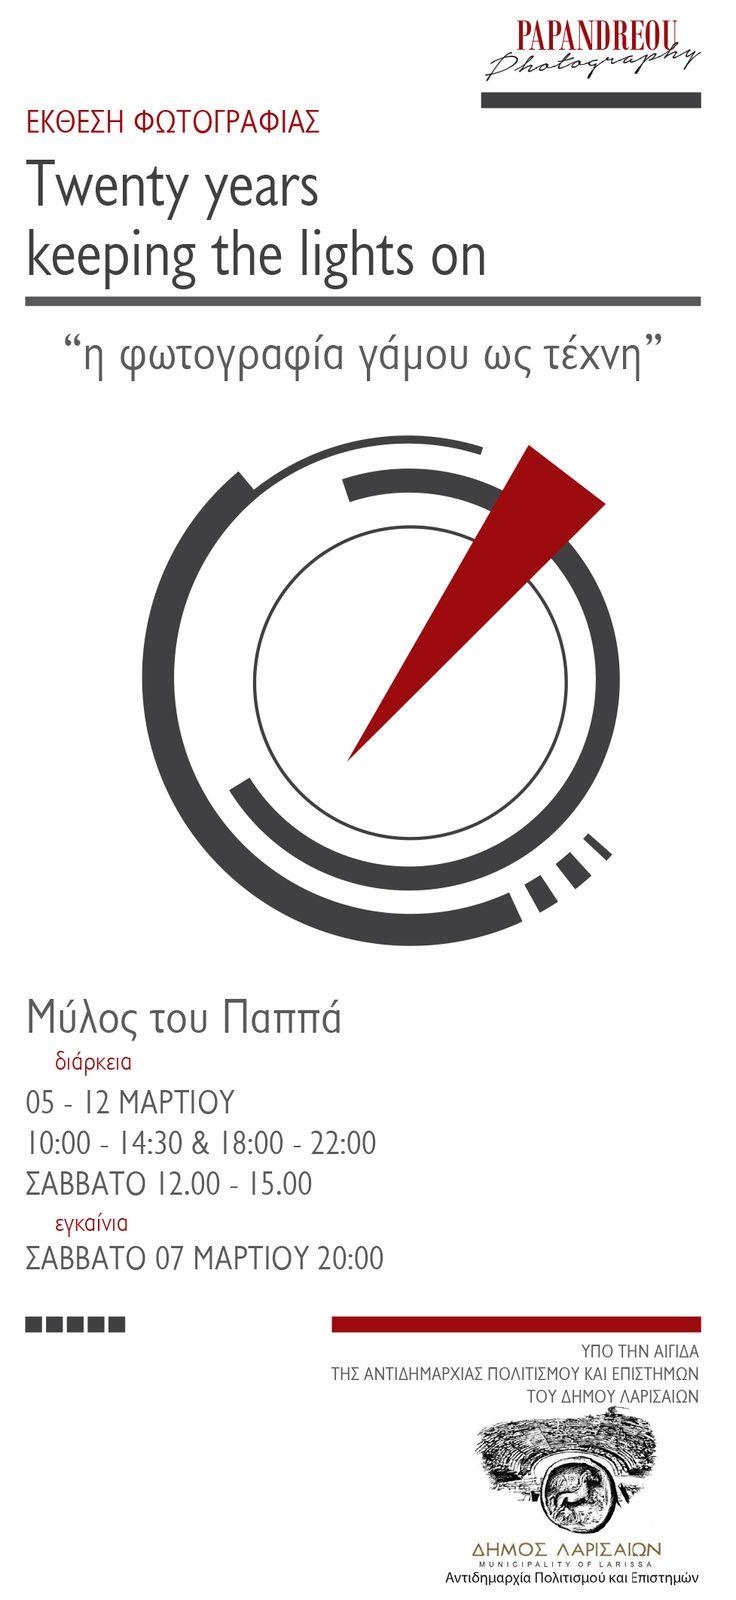 Our invitation